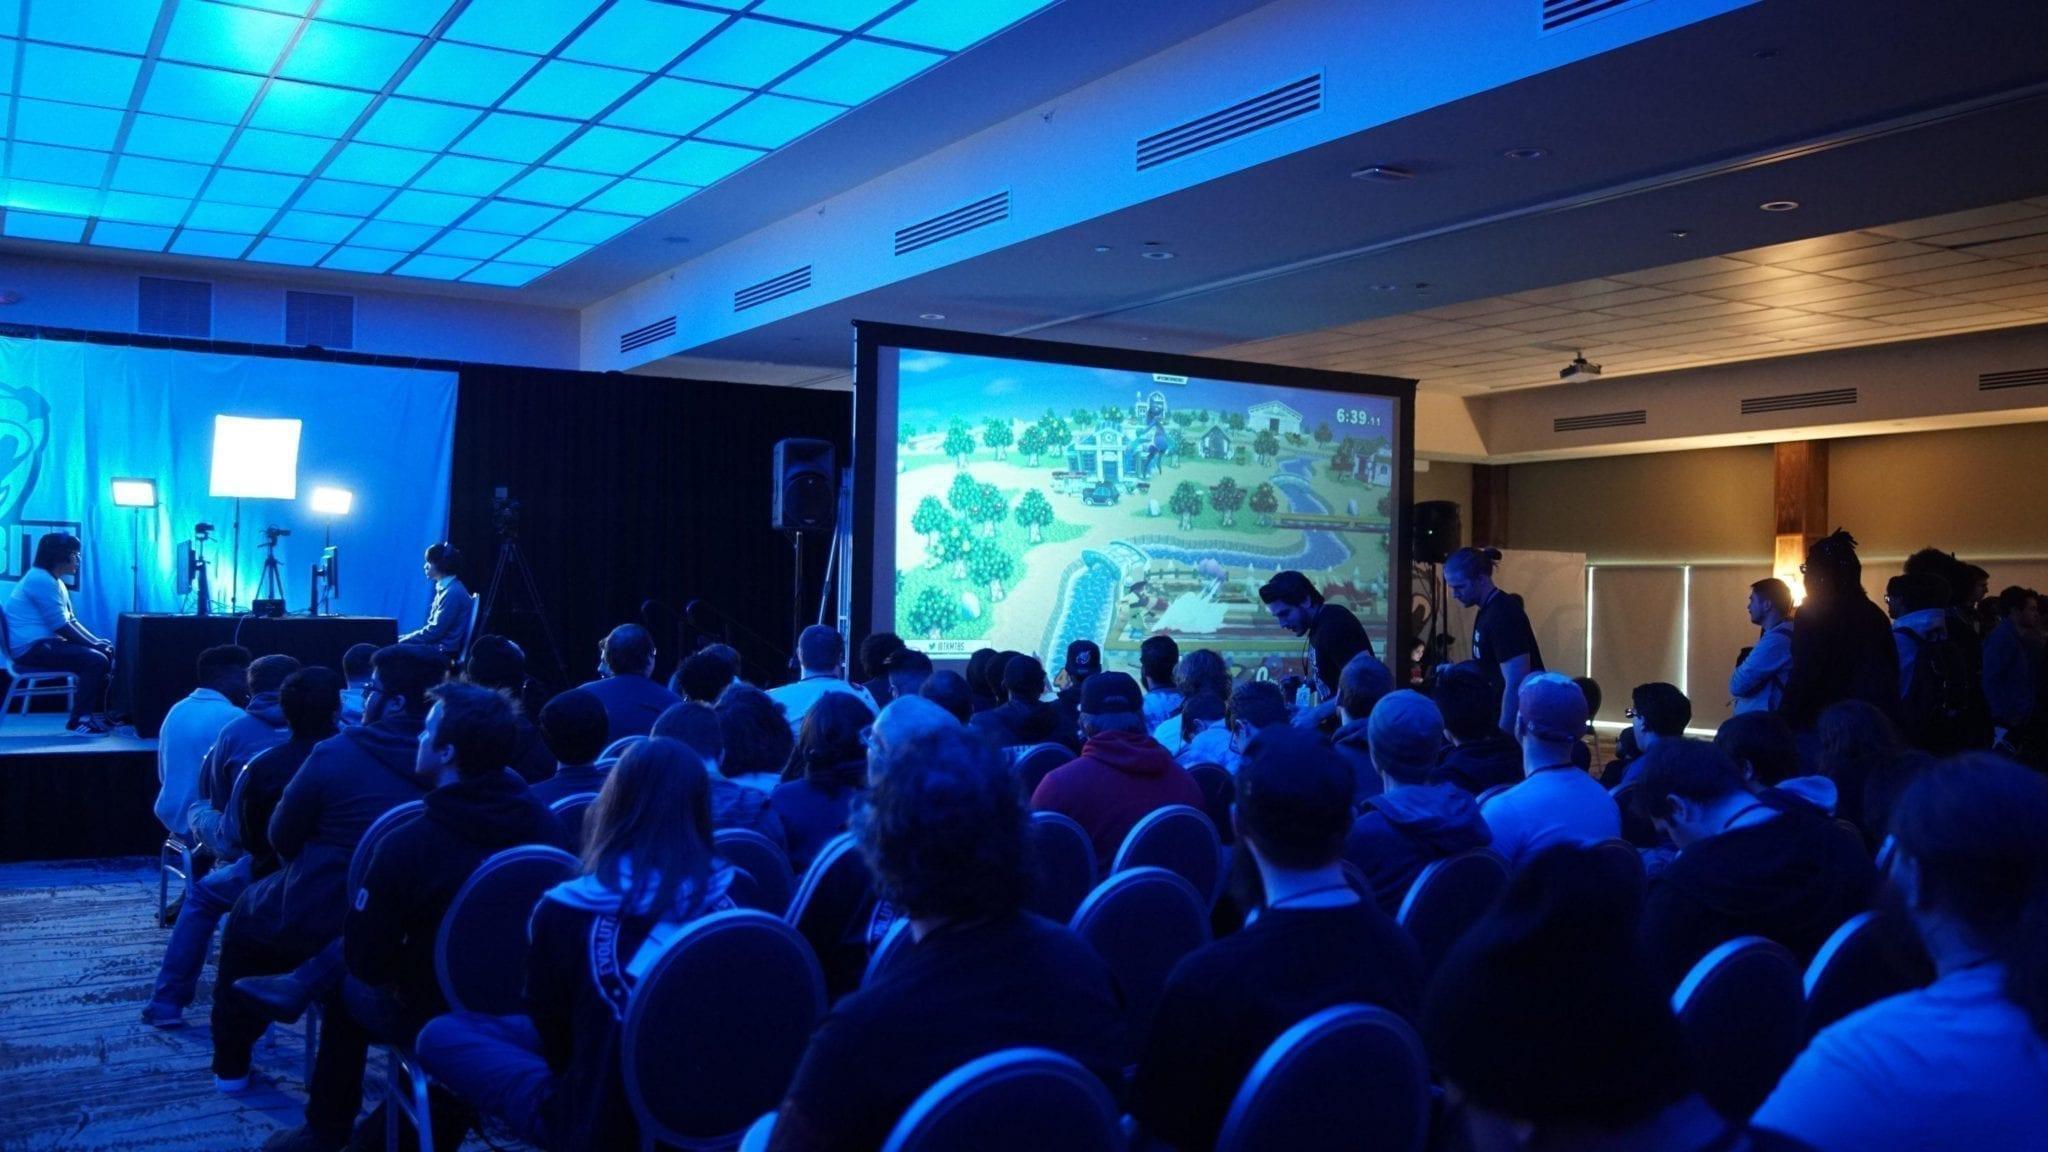 Público viendo un torneo de videojuegos.